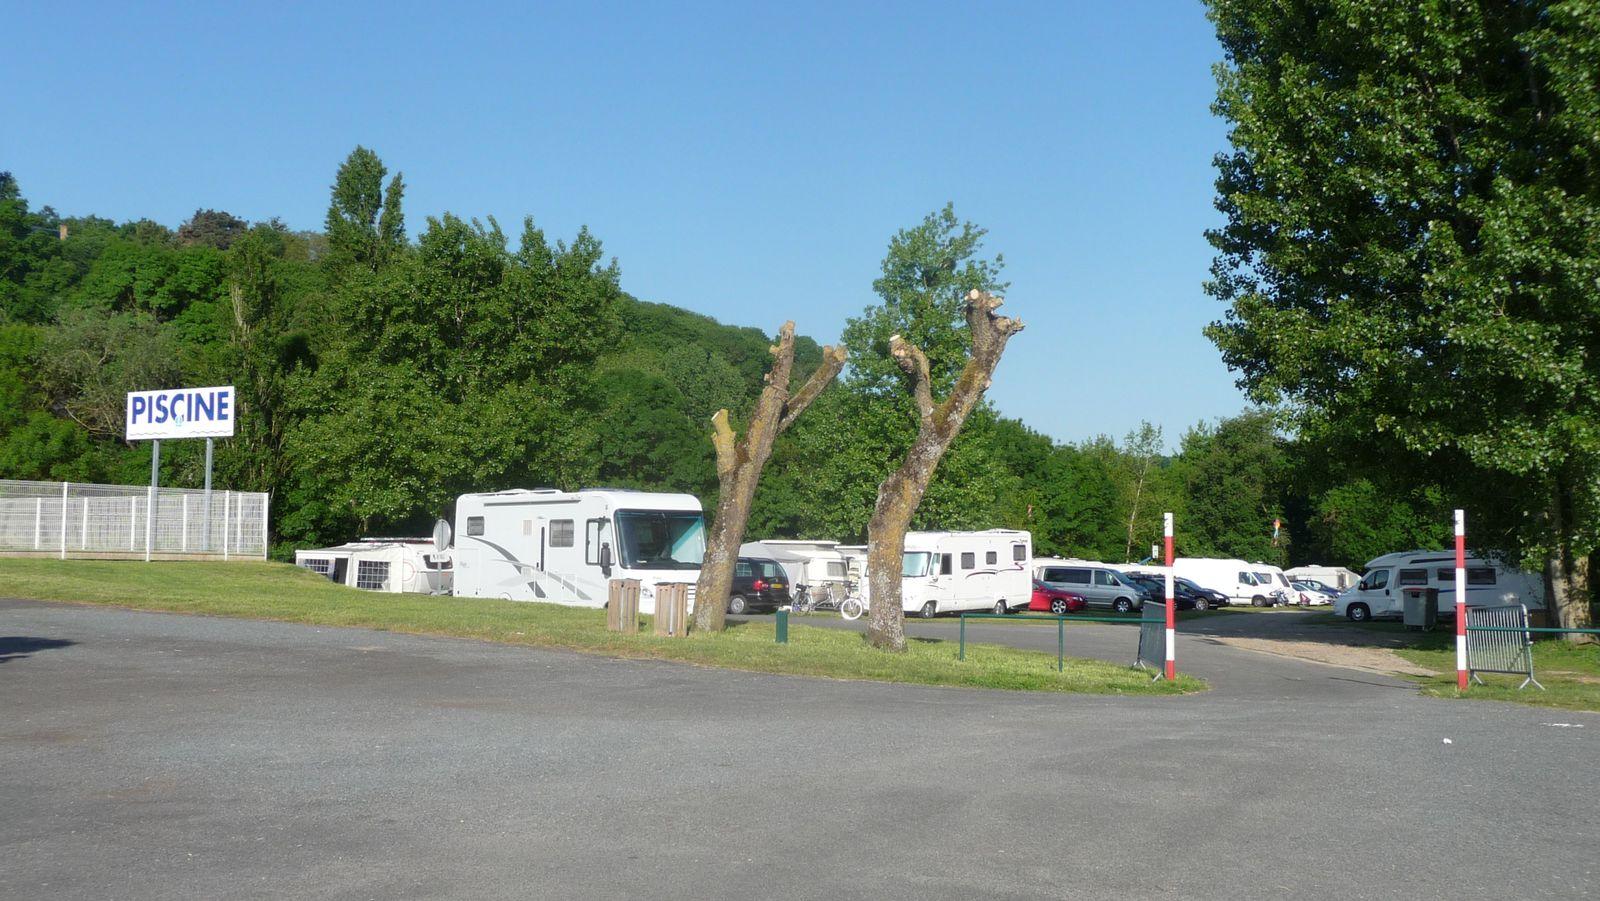 Un camping est improvisé sur une aire de pique-nique, à côté de la piscine.